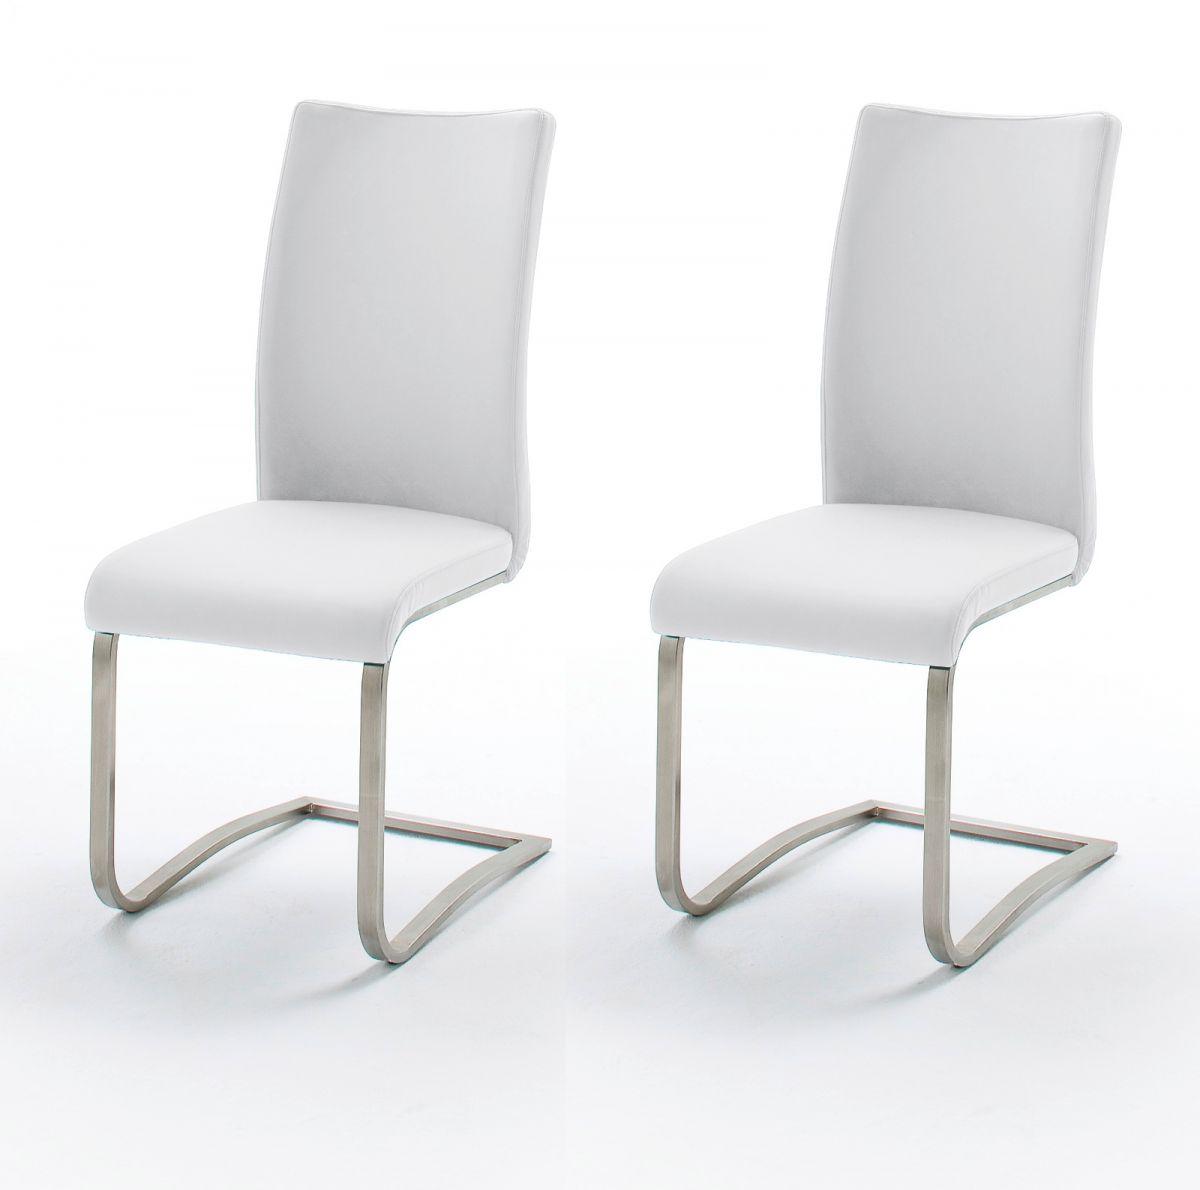 2 x Stuhl Arco Weiss Freischwinger Leder